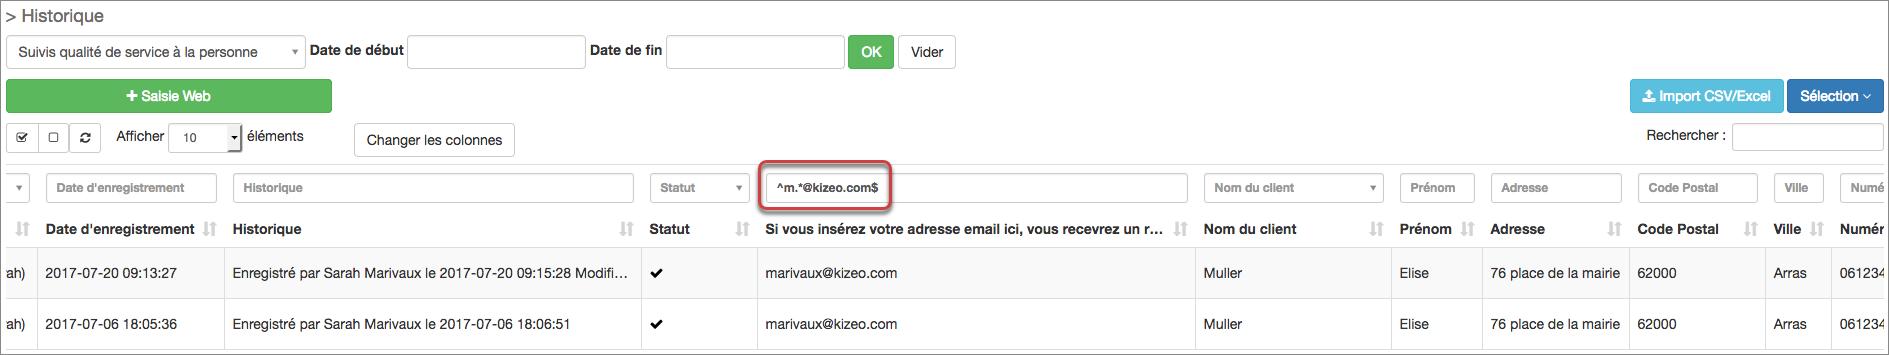 ^m.*@kizeo.com$ vous permet de rechercher des valeurs qui commencent par m et qui terminent par @kizeo.com